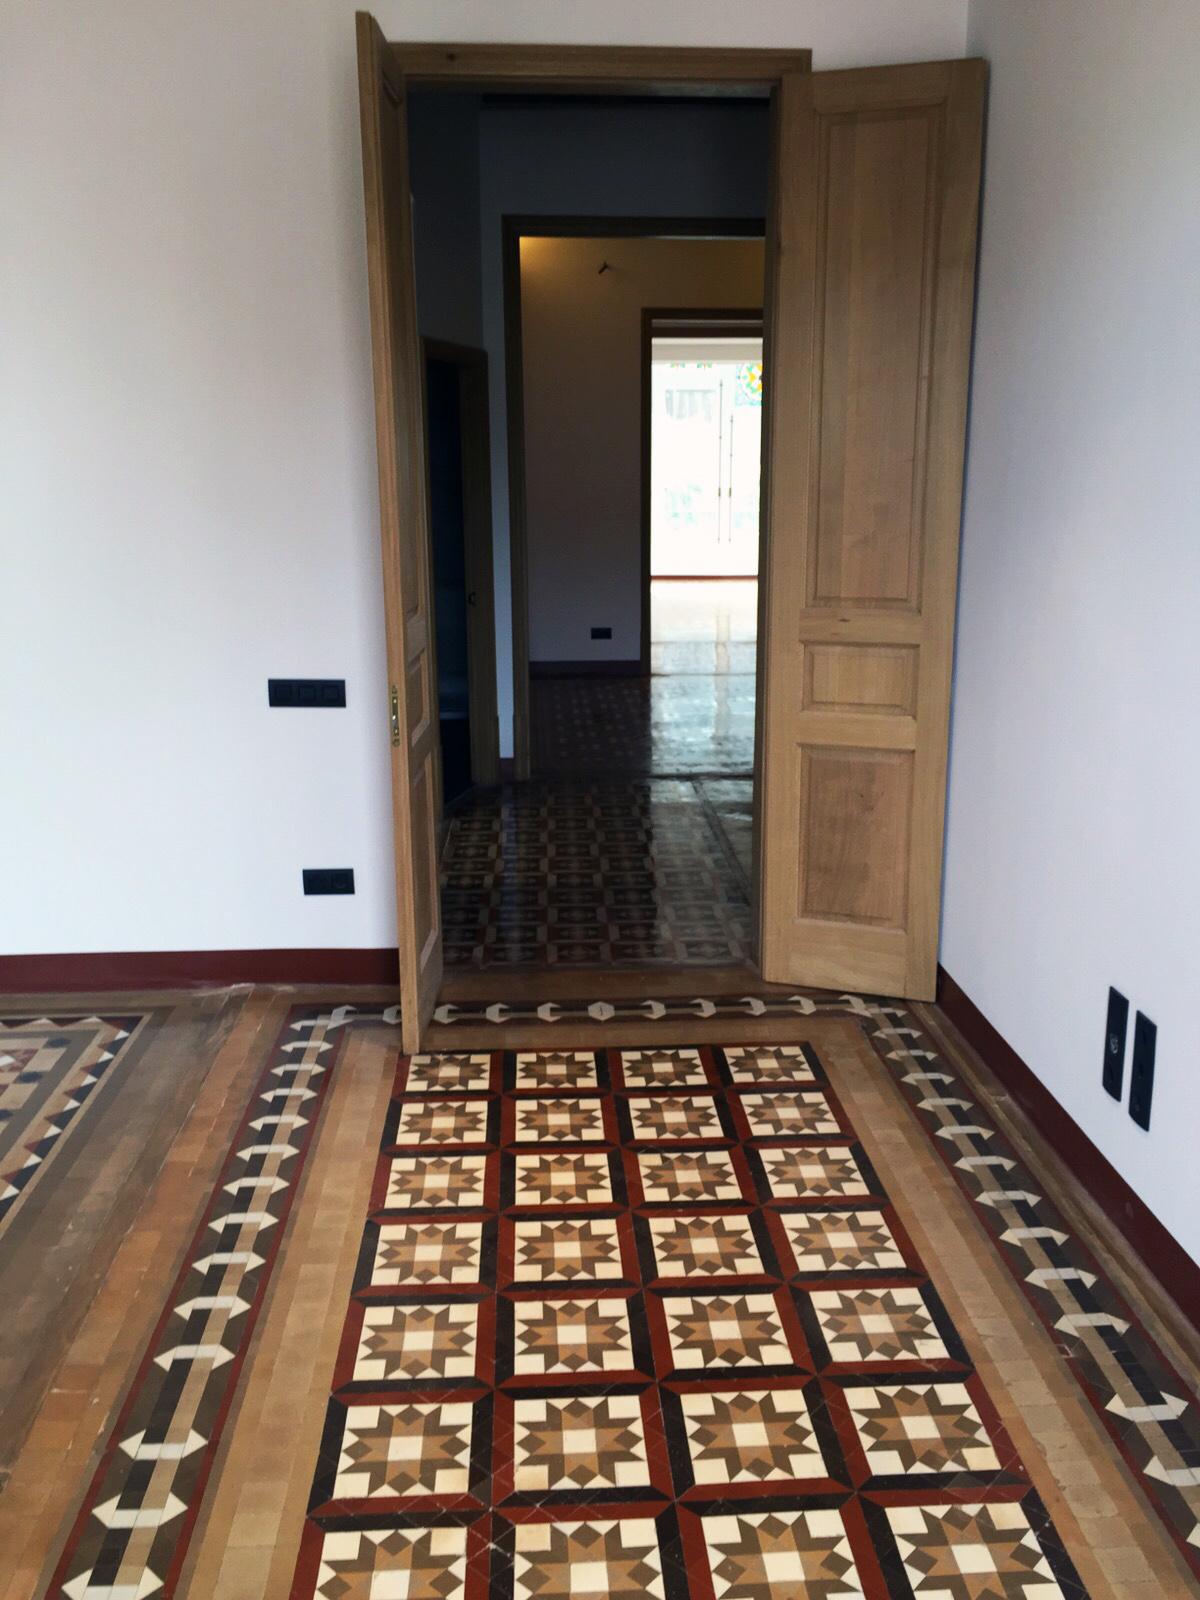 Pulido y abrillantado de suelo de mosaico nolla en vivienda de Barcelona